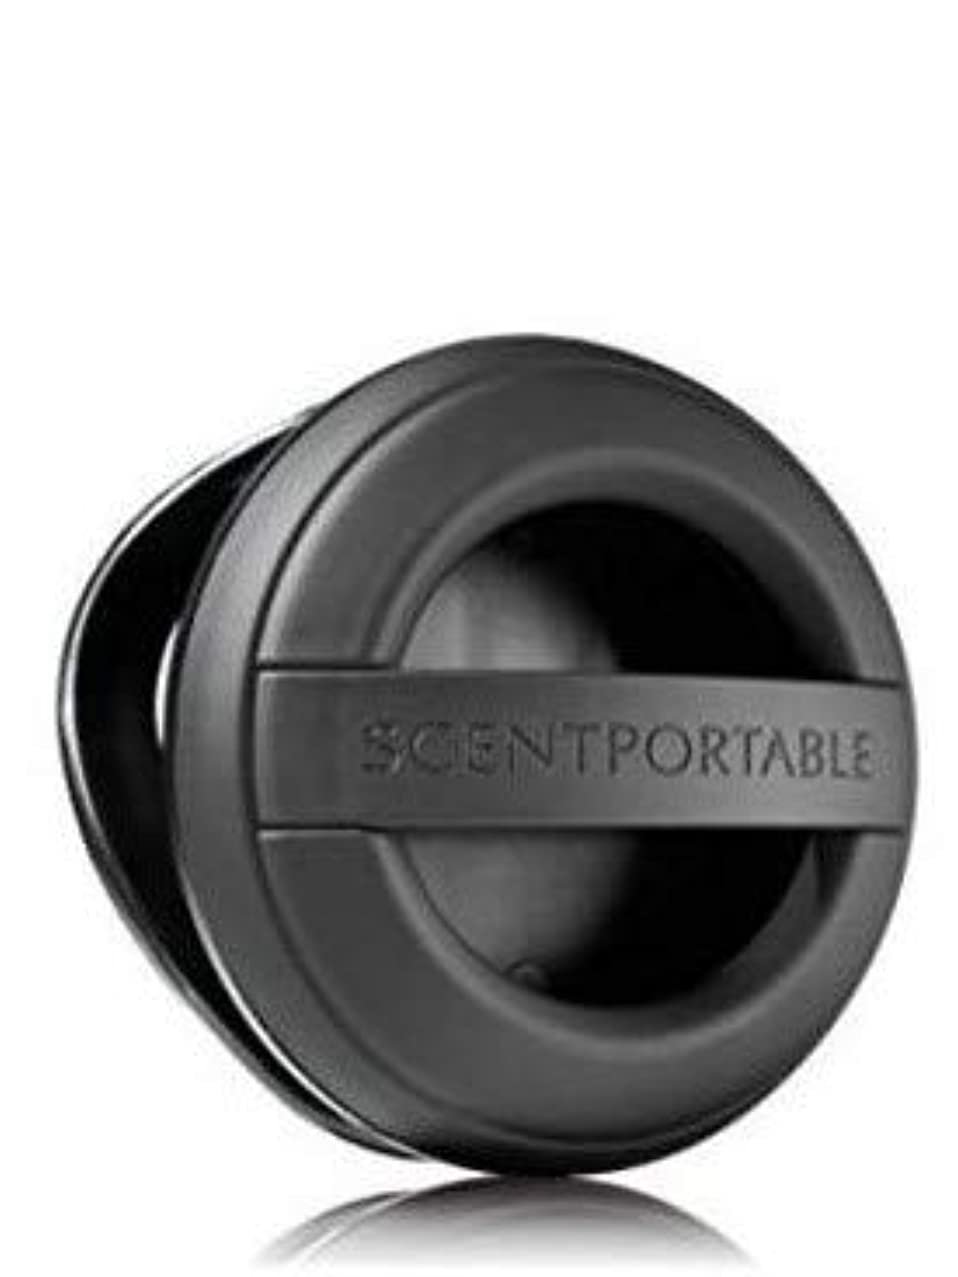 不屈浮浪者アルファベット【Bath&Body Works/バス&ボディワークス】 クリップ式芳香剤 セントポータブル ホルダー (本体ケースのみ) ブラックラバー Scentportable Holder Black Rubber [並行輸入品]